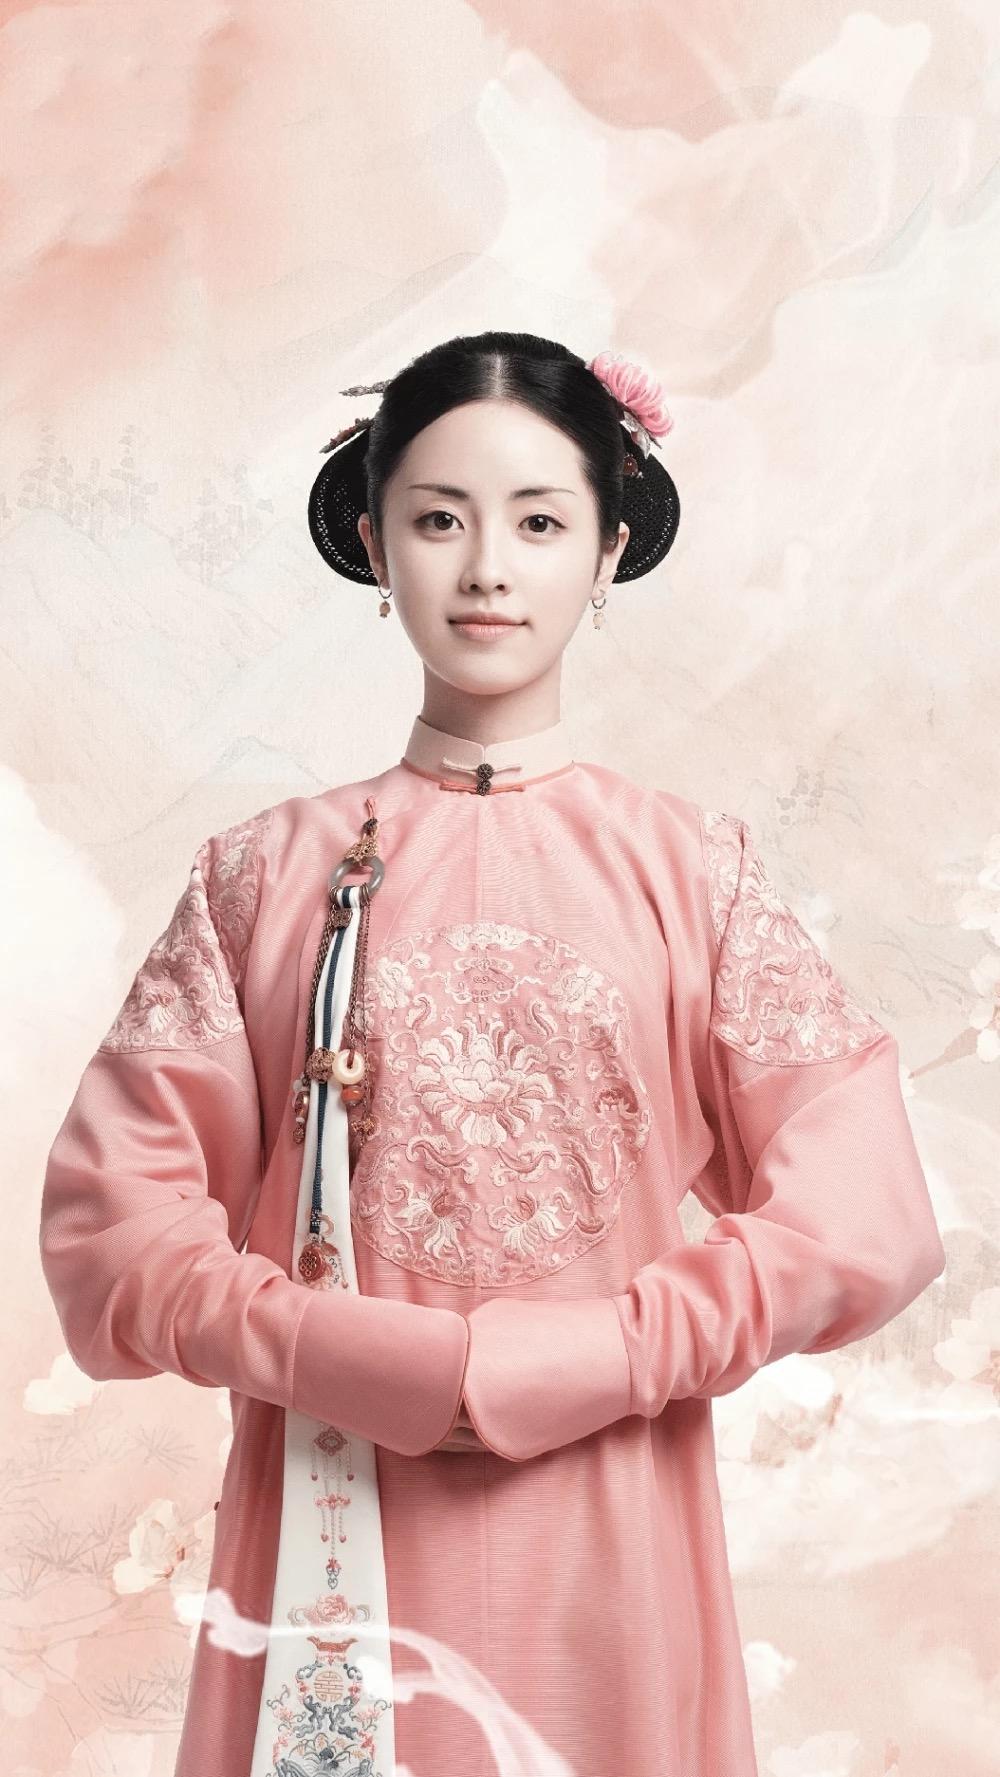 清穿三座大山都拍摄成电视剧,可只有刘诗诗这部最火插图(10)